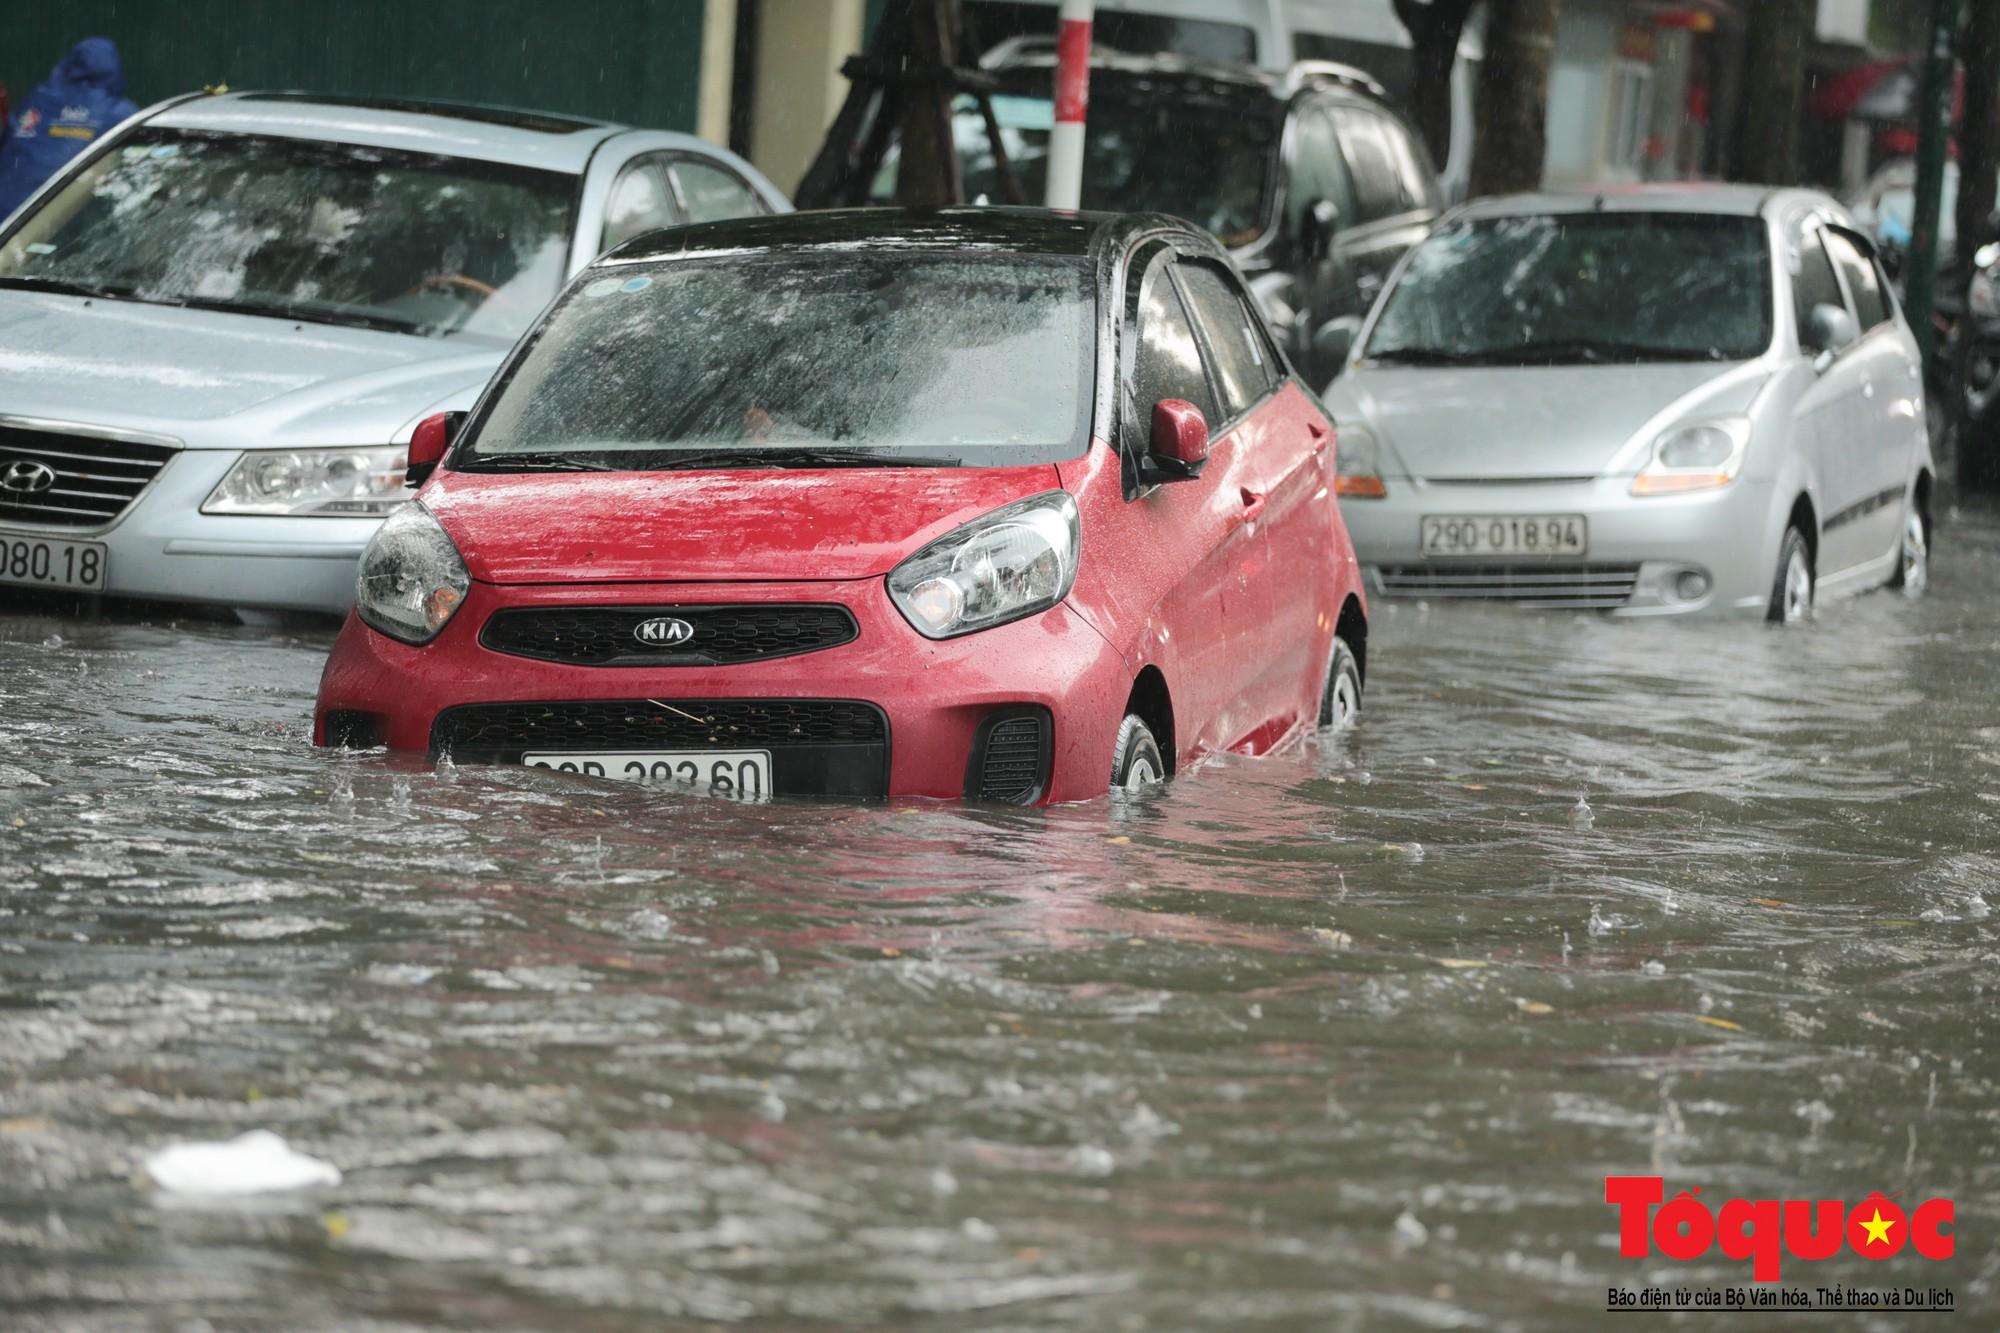 Hà Nội mưa lớn, xế hộp tập bơi qua tuyến phố ngâp nước (7)